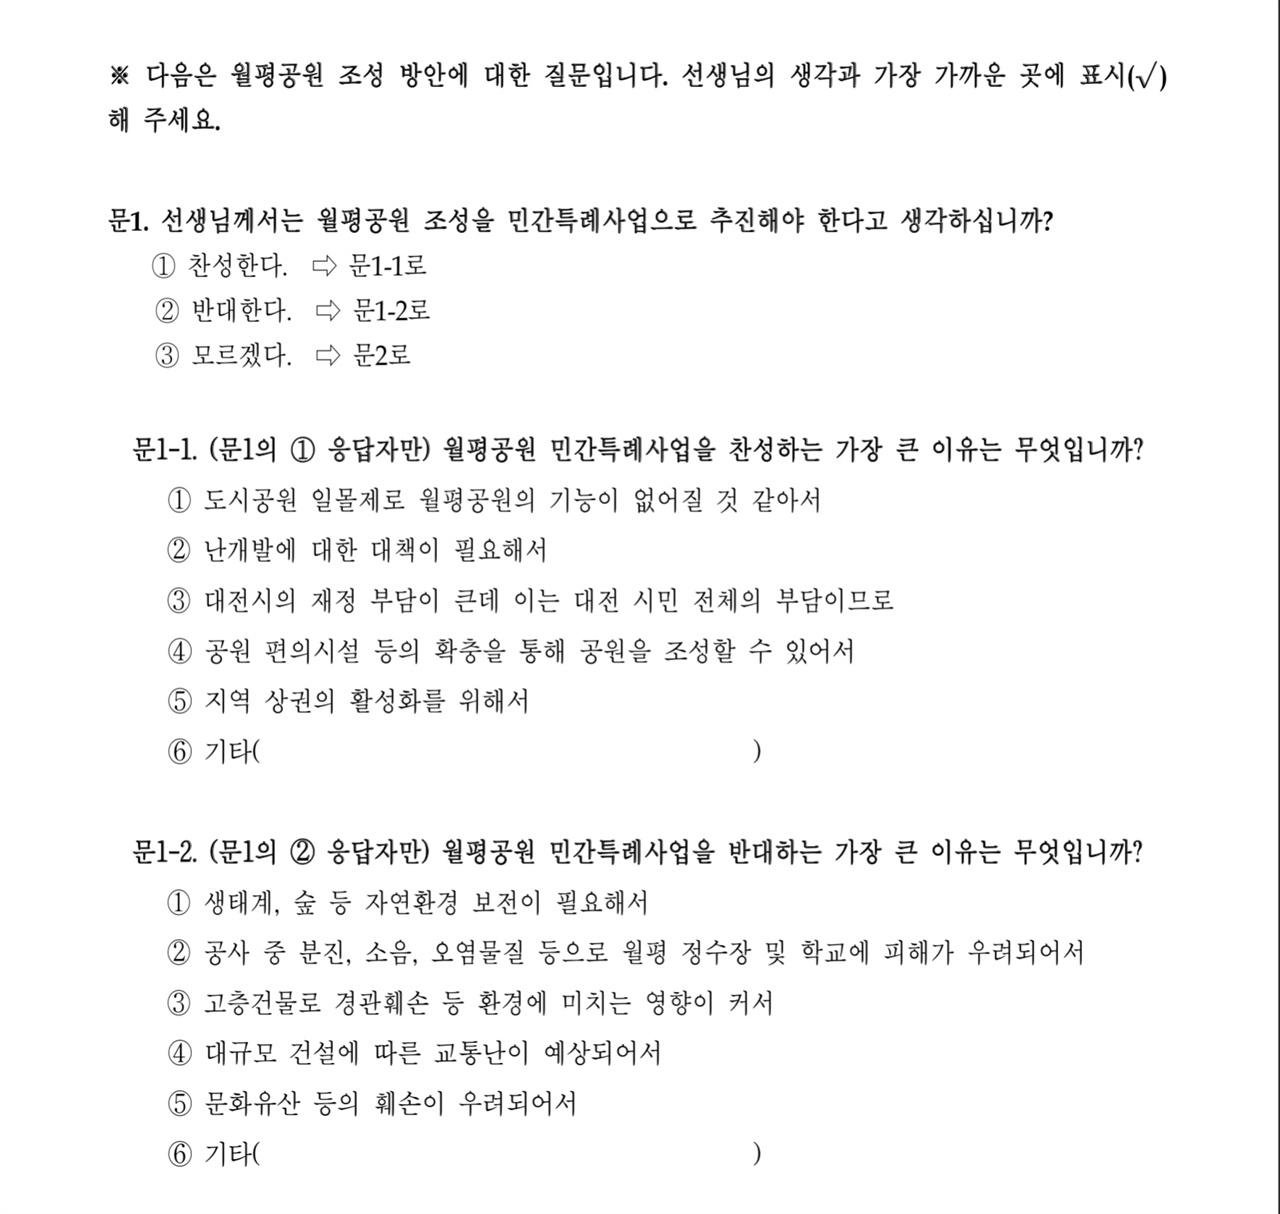 공론화 최종 설문지 -월평공원 민간특례사업데 대한 찬성과 반대를 묻고 있다.